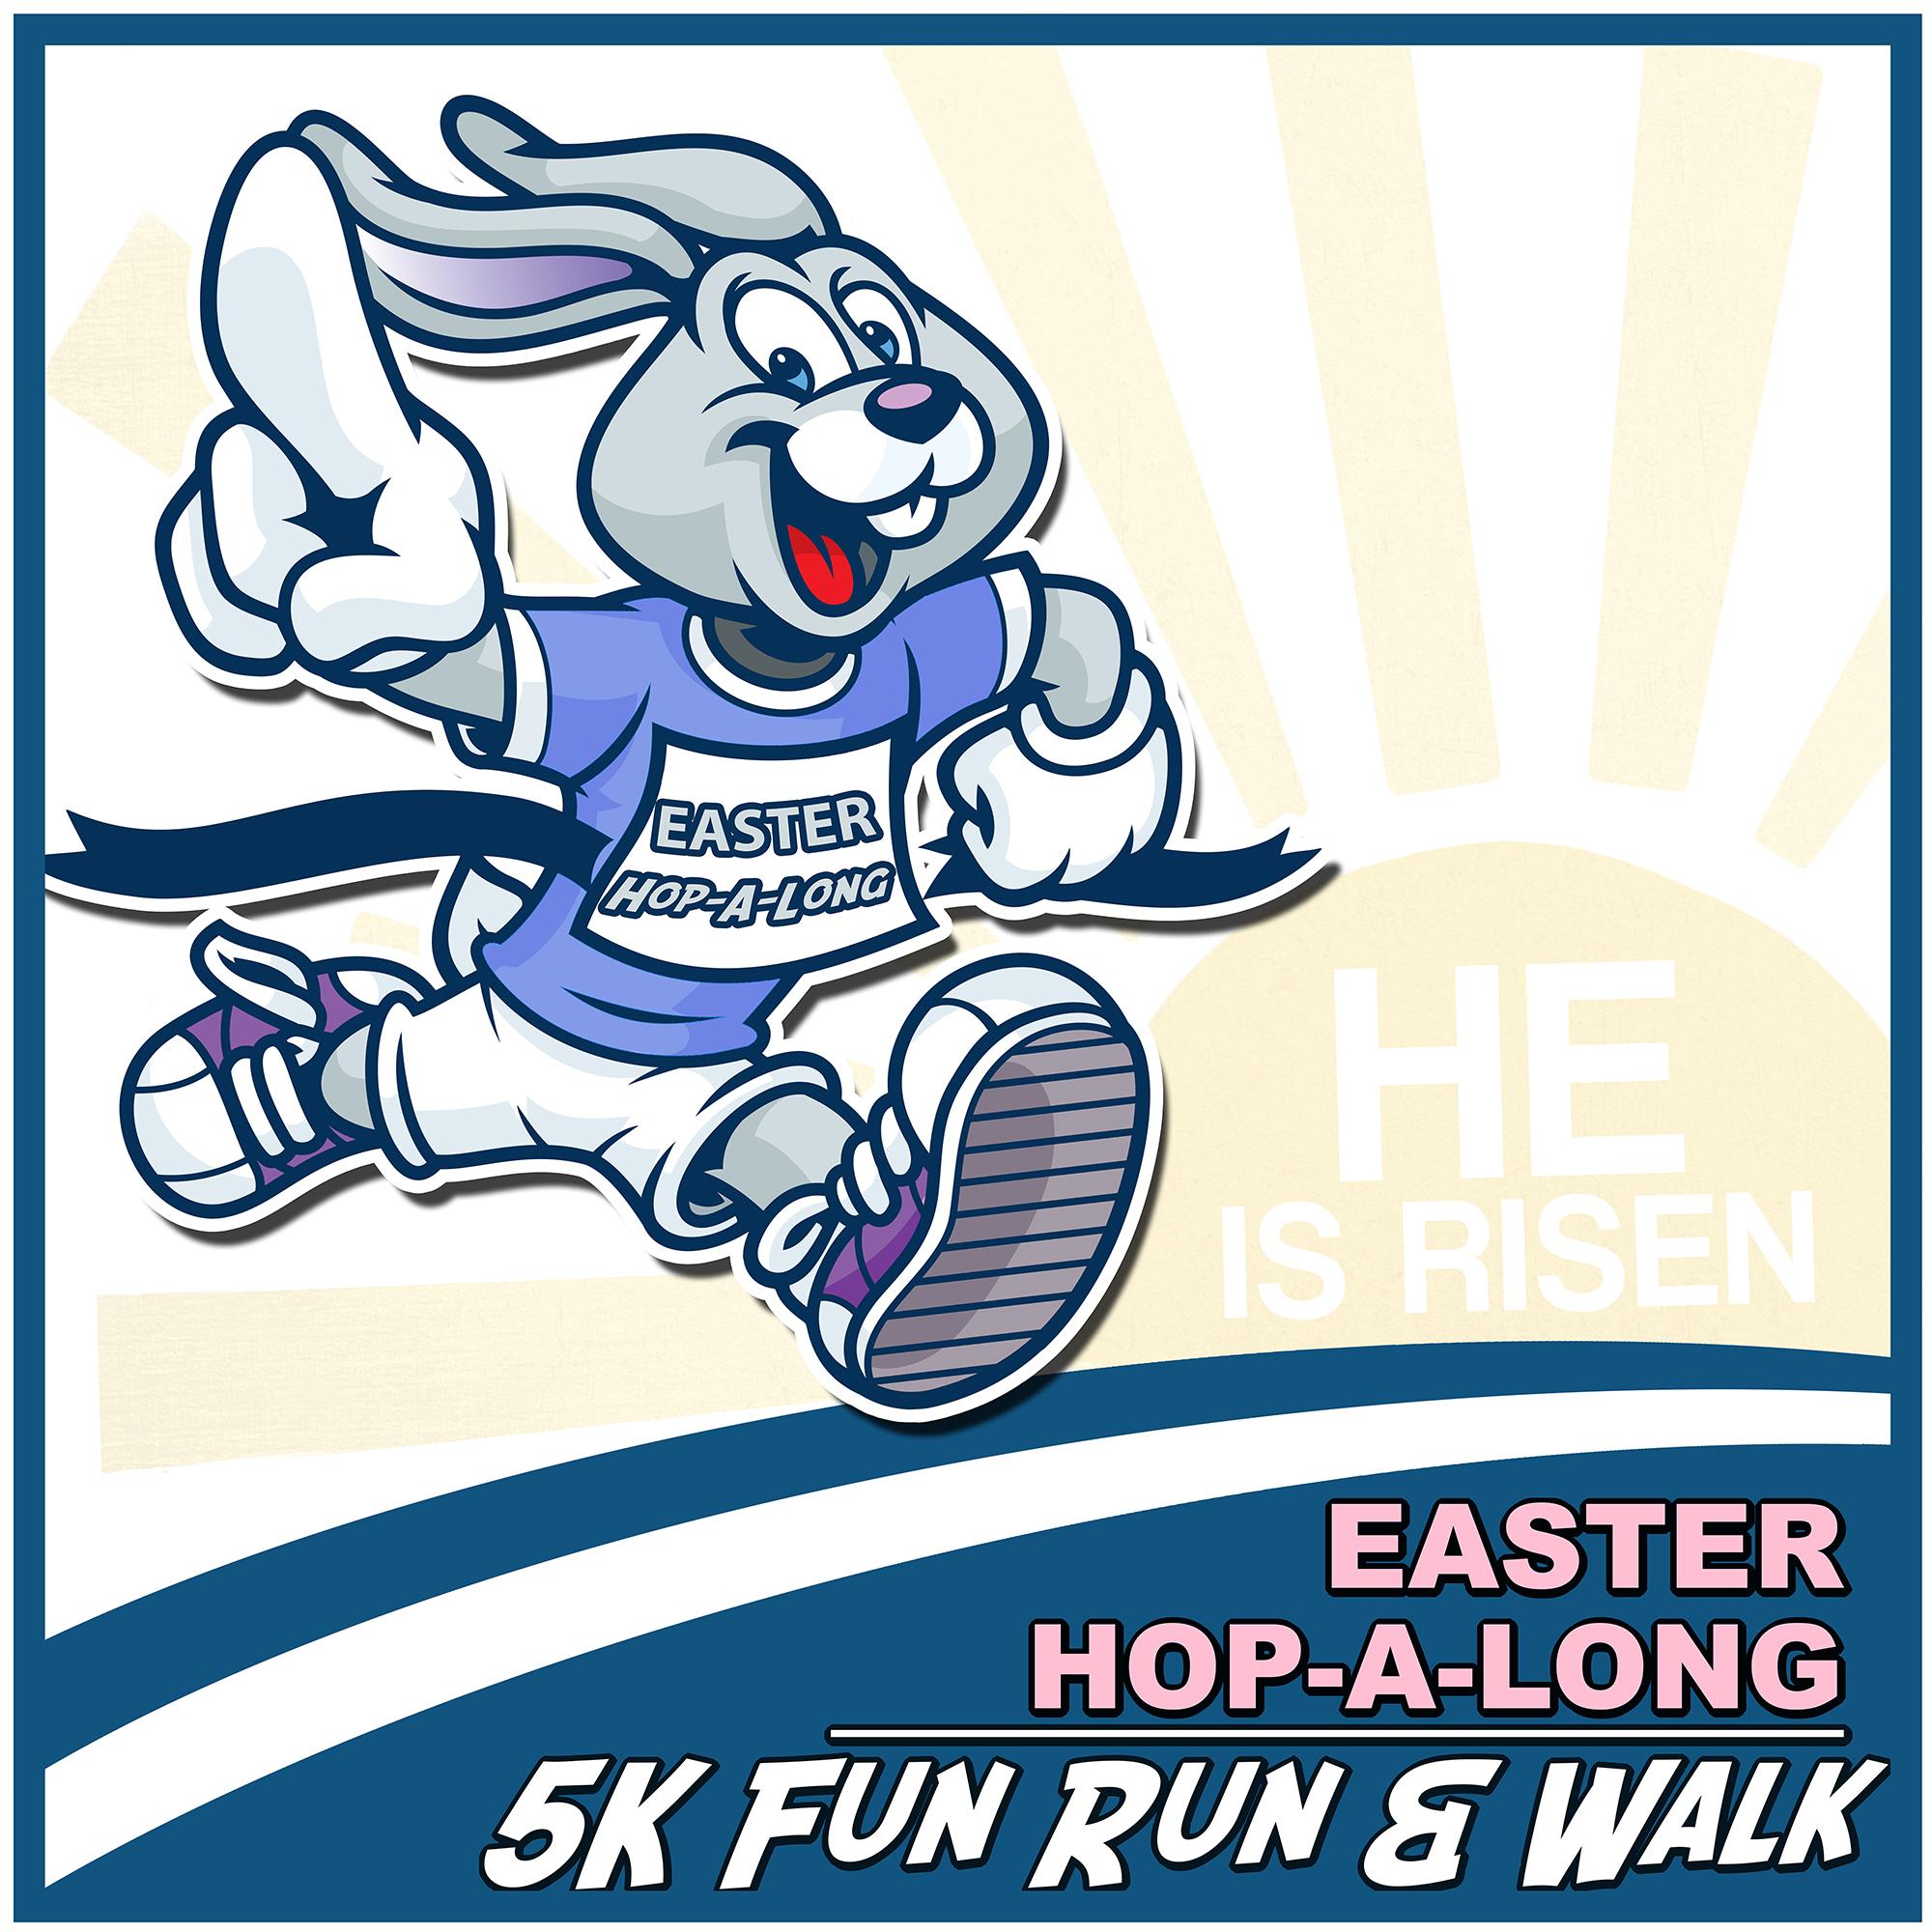 images.raceentry.com/infopages/easter-hop-a-long-infopages-505.jpg